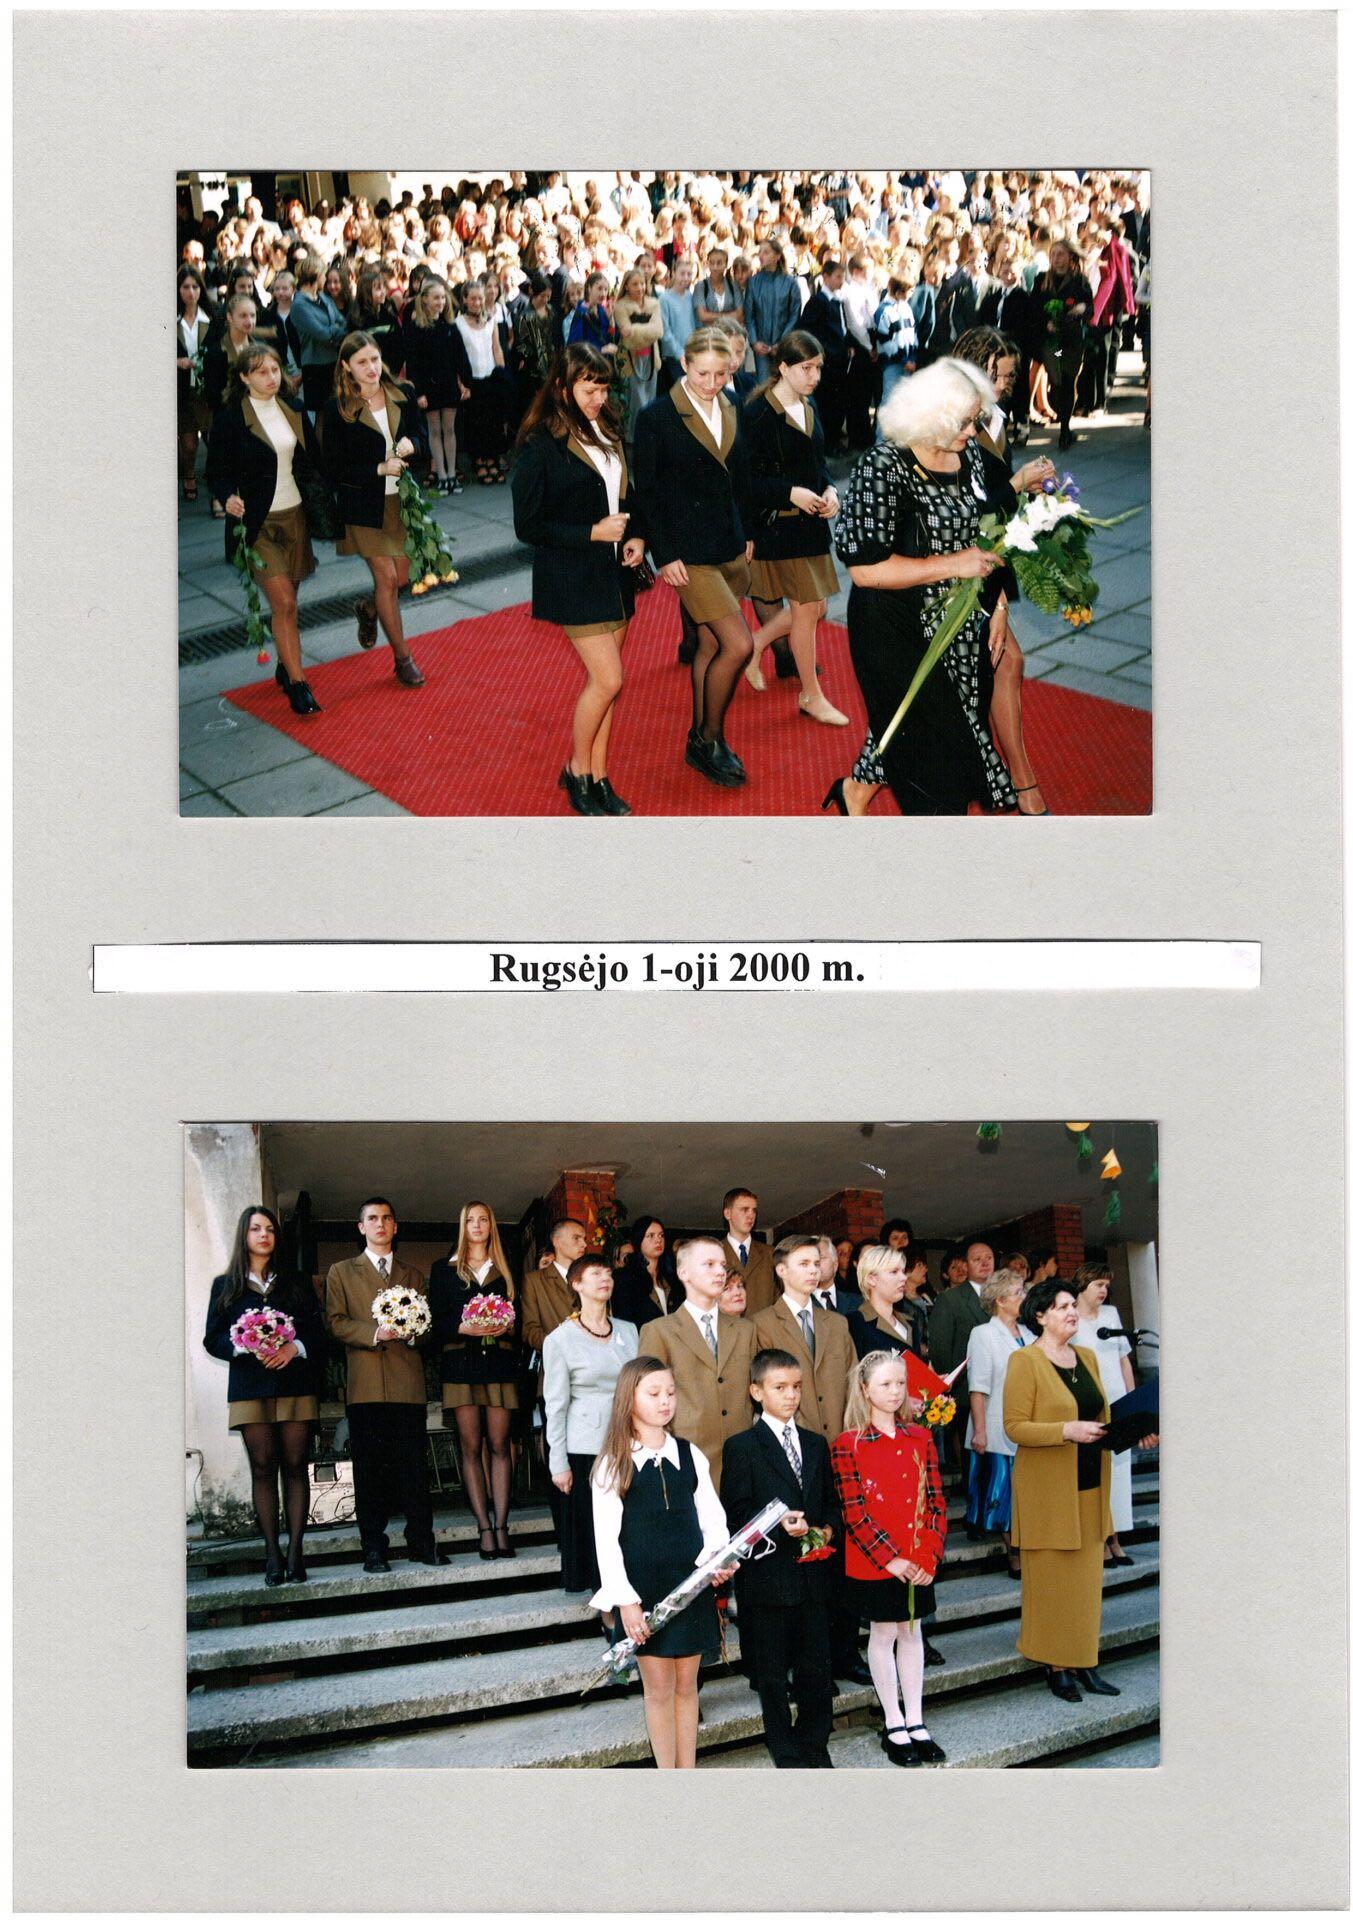 2000 m. Rugsėjo 1-oji